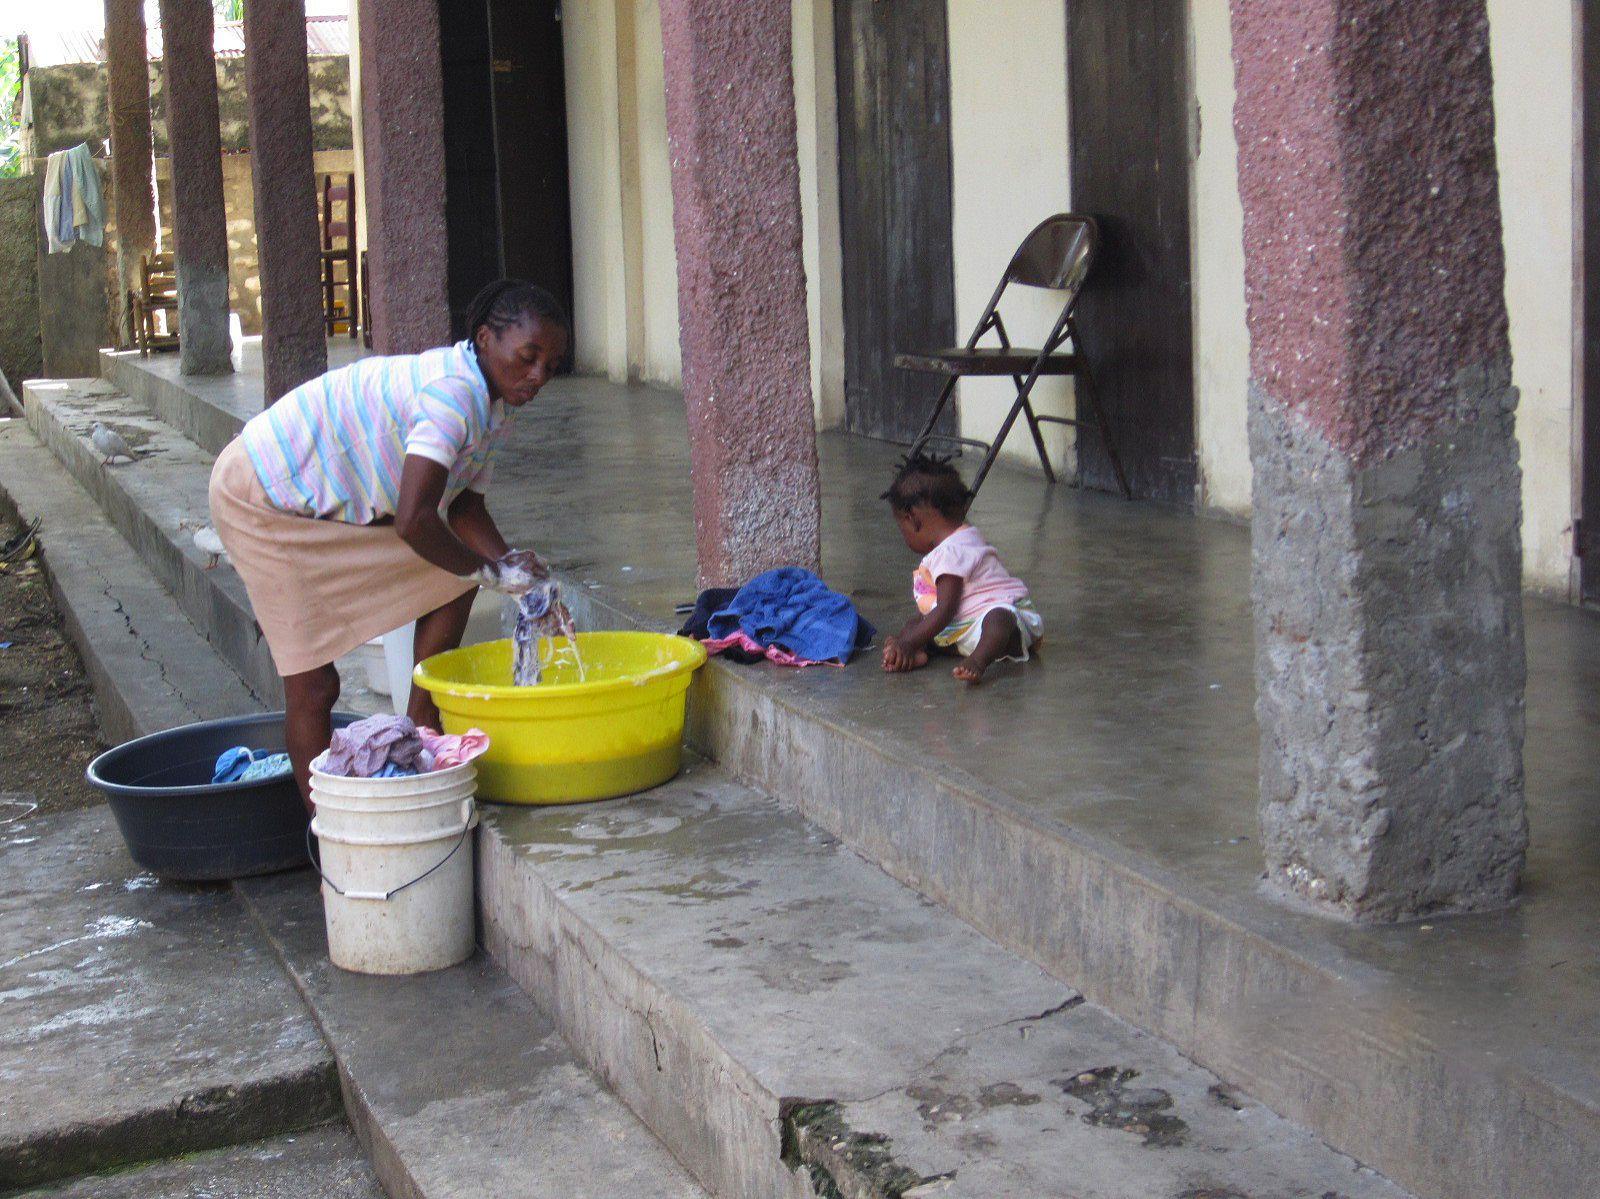 Woman & Child WashingIMG_0242 (1).JPG